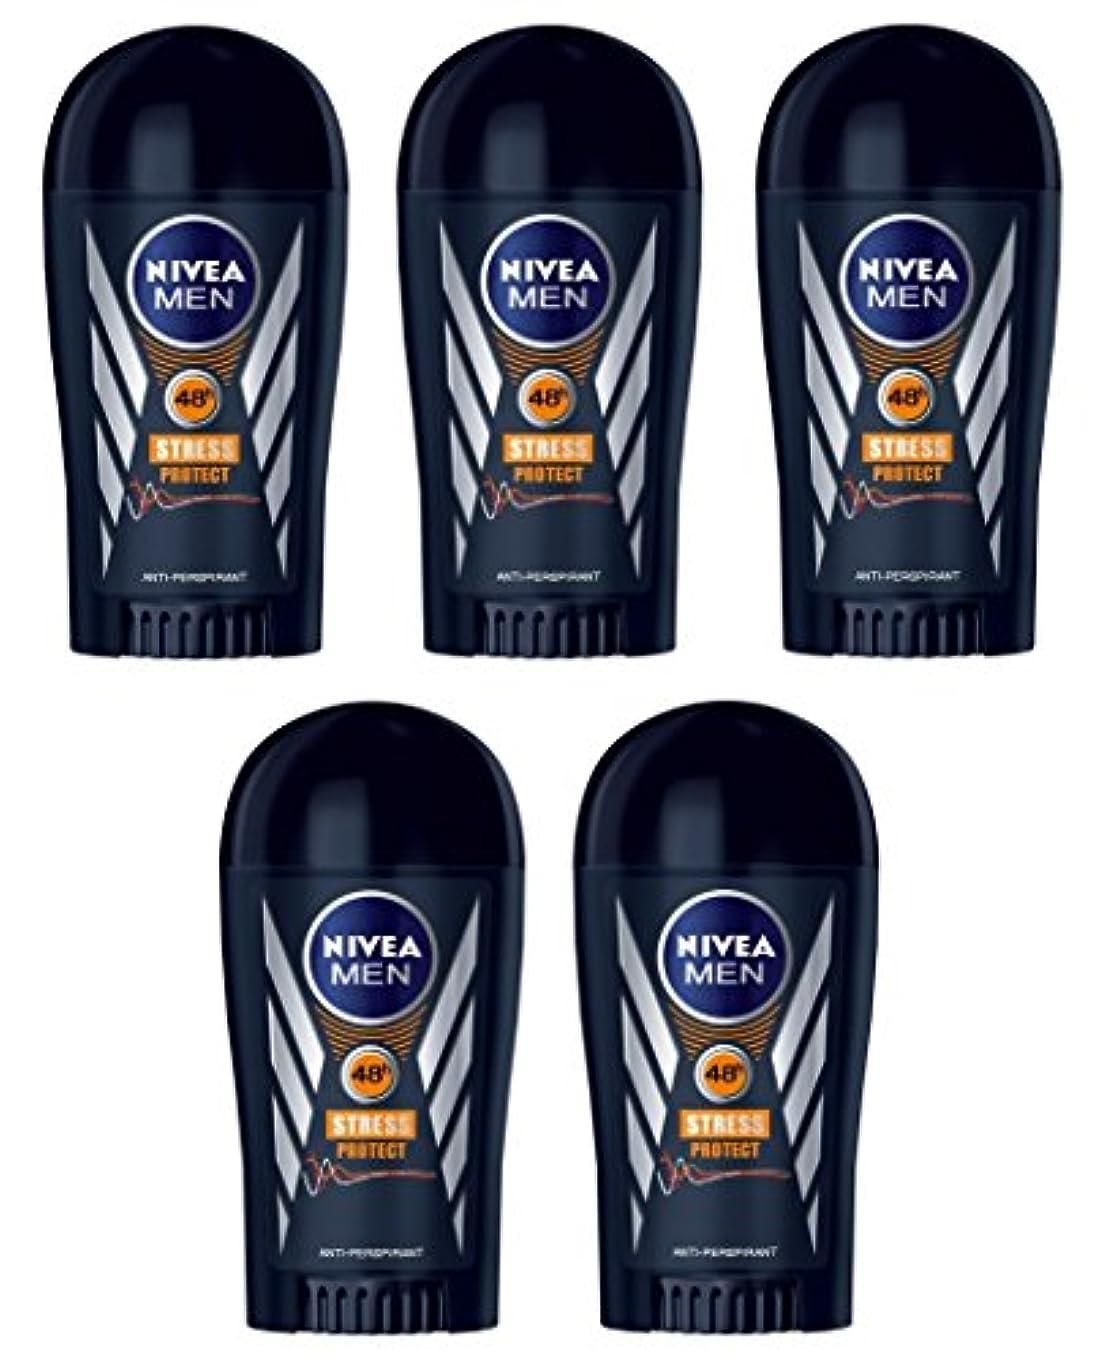 アルファベット皮肉な牧草地(Pack of 5) Nivea Stress Protect Anti-perspirant Deodorant Solid Stick for Men 5x40ml - (5パック) ニベア応力プロテクト制汗剤デオドラントスティック男性用5x40ml